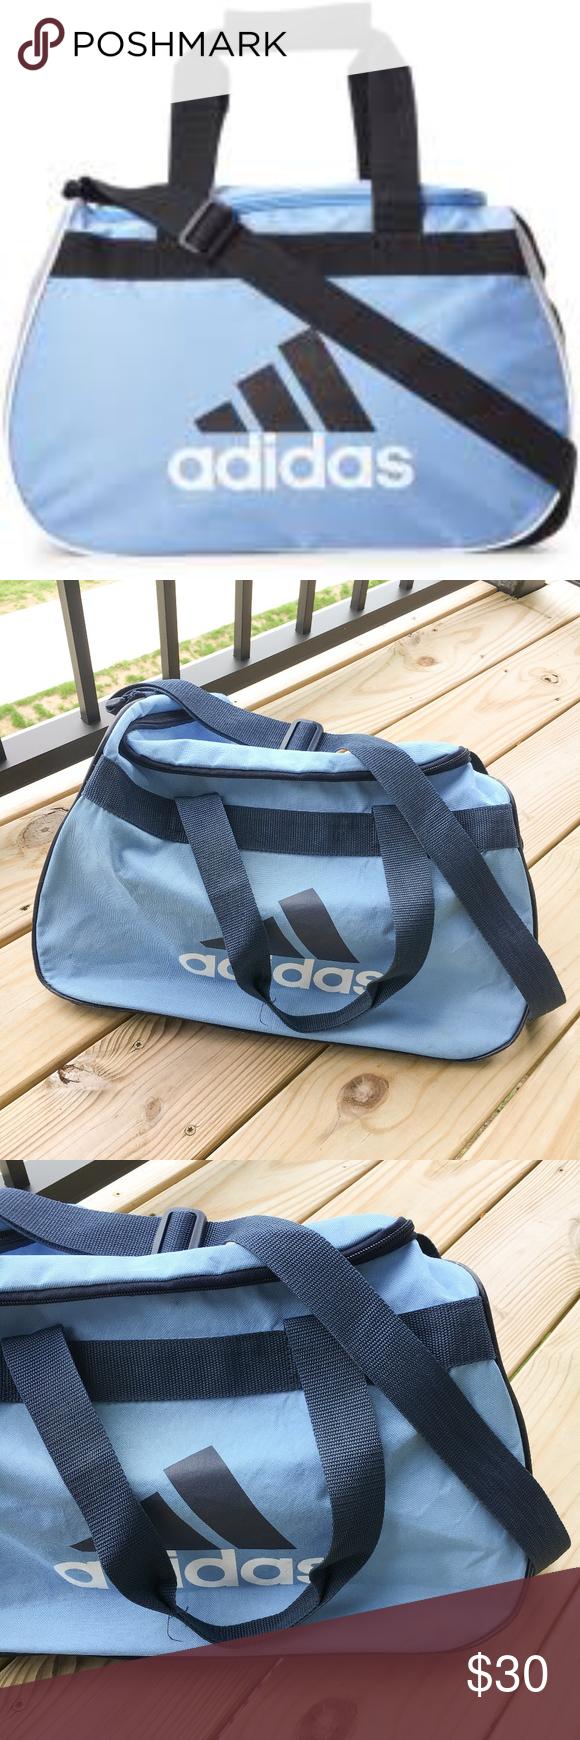 57c7cfb02 Adidas Diablo Small Duffel Bag Adidas Diablo small duffel bag Unisex duffel  bag Large, top